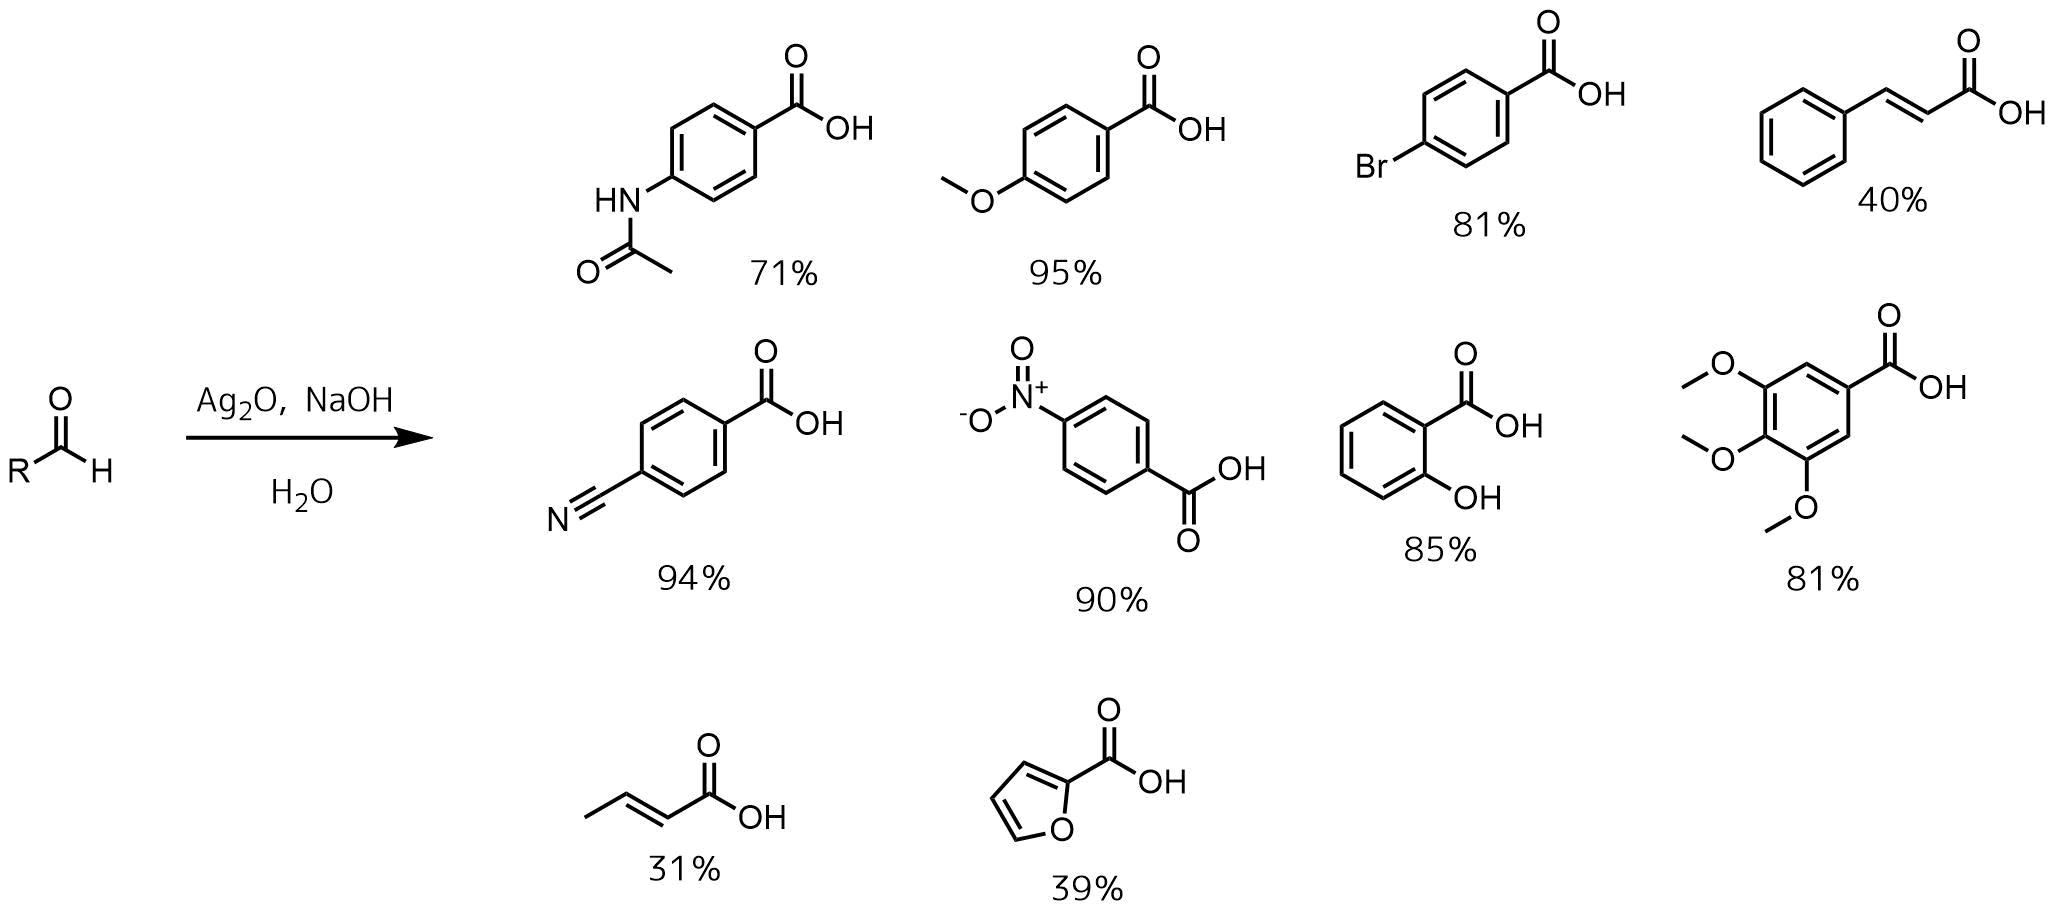 酸化銀によるアルデヒドの酸化反応